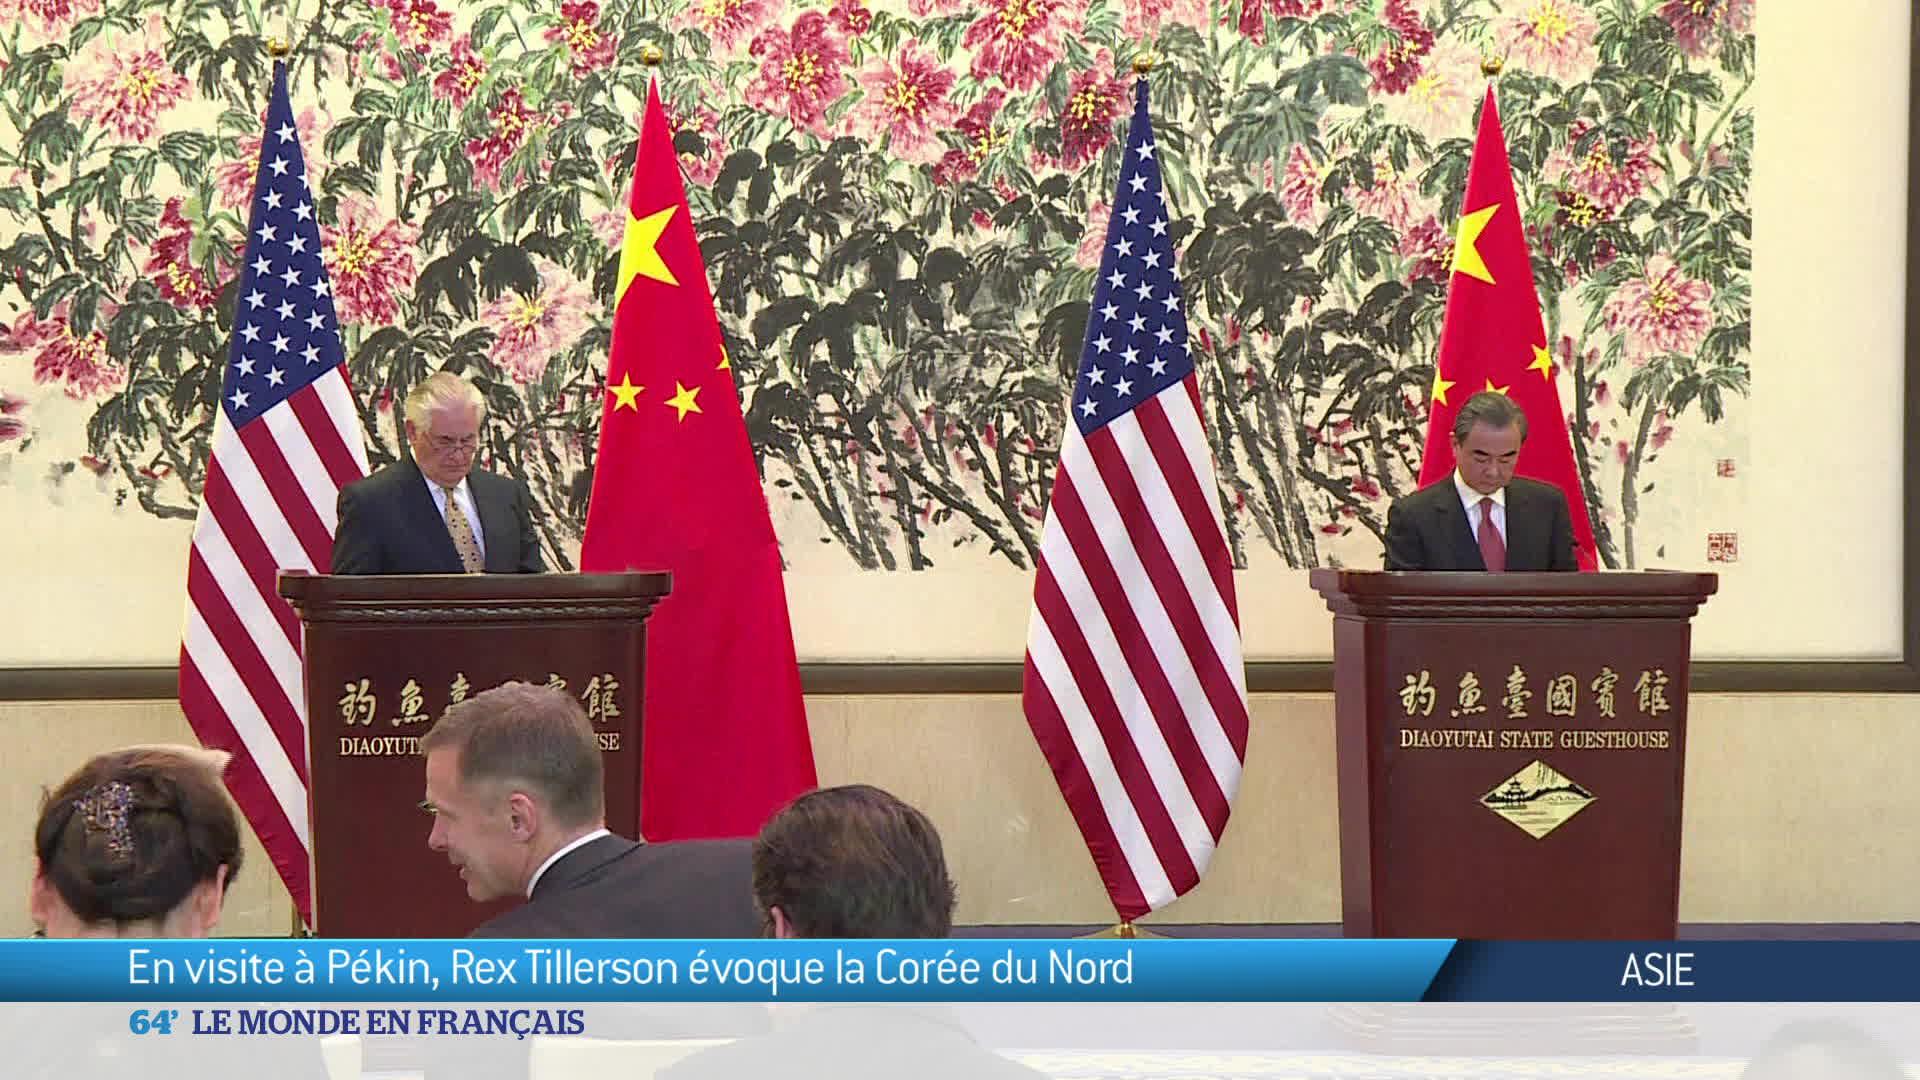 En visite à Pékin, Rex Tillerson évoque la Corée du Nord